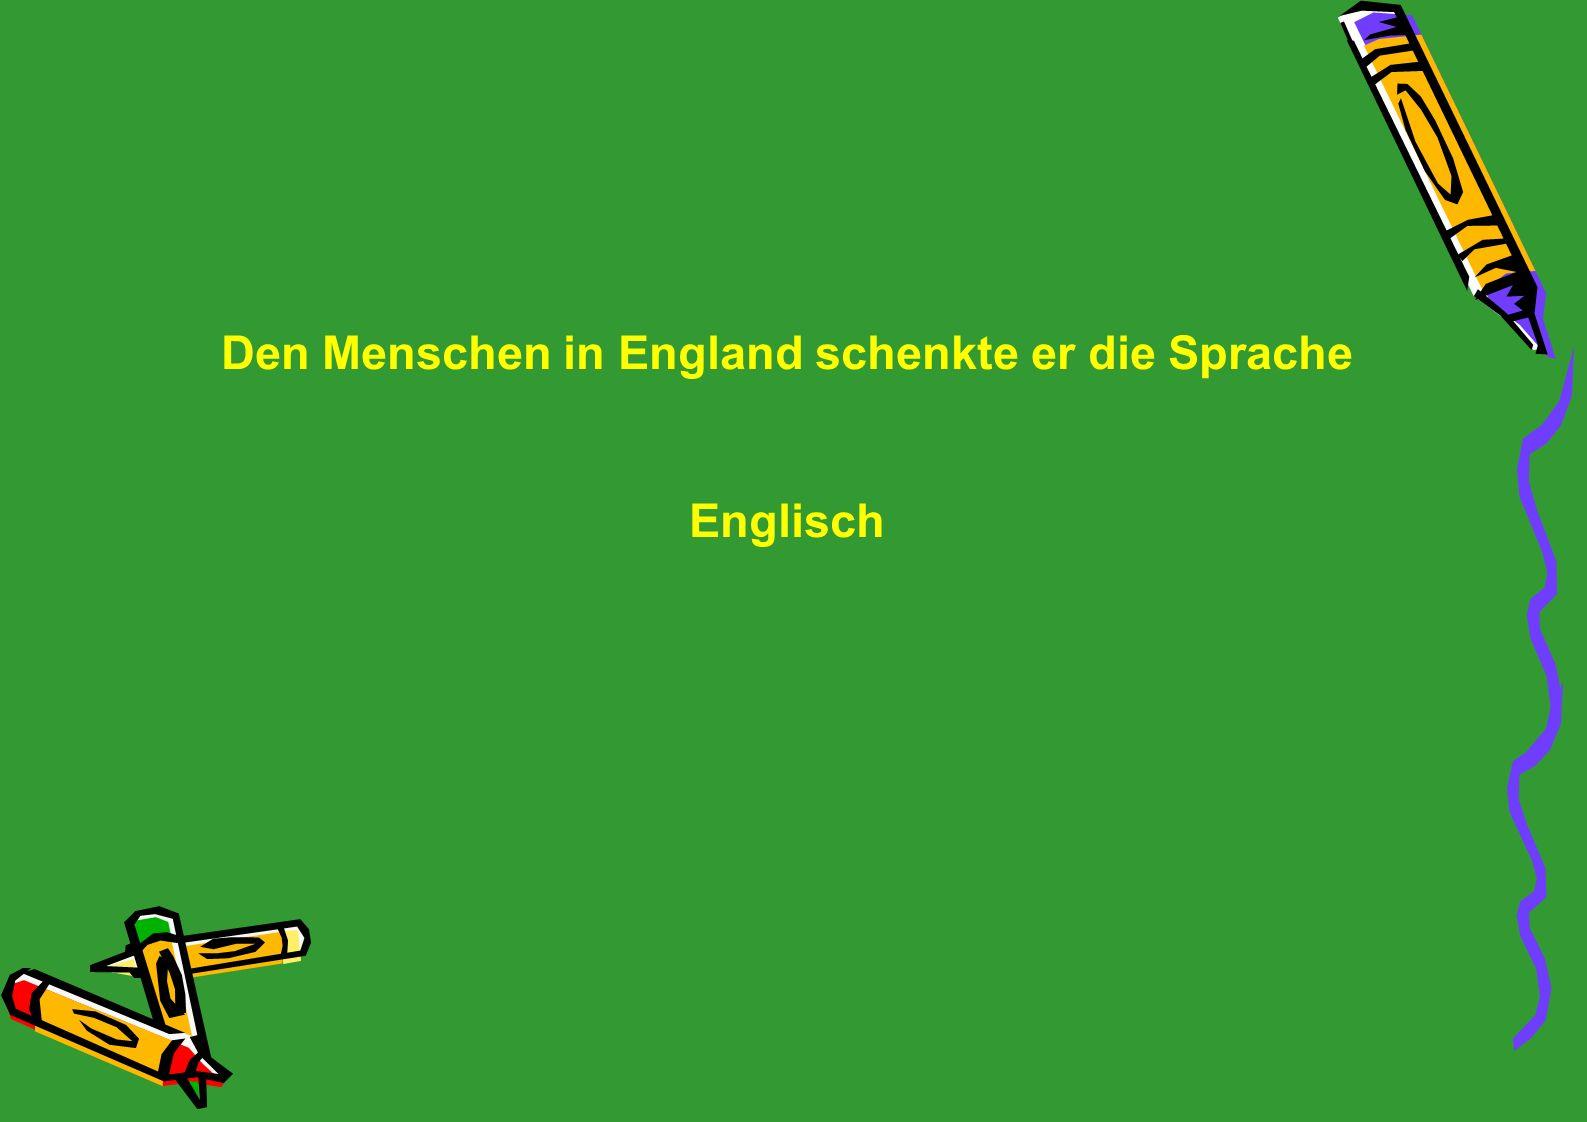 Den Menschen in England schenkte er die Sprache Englisch